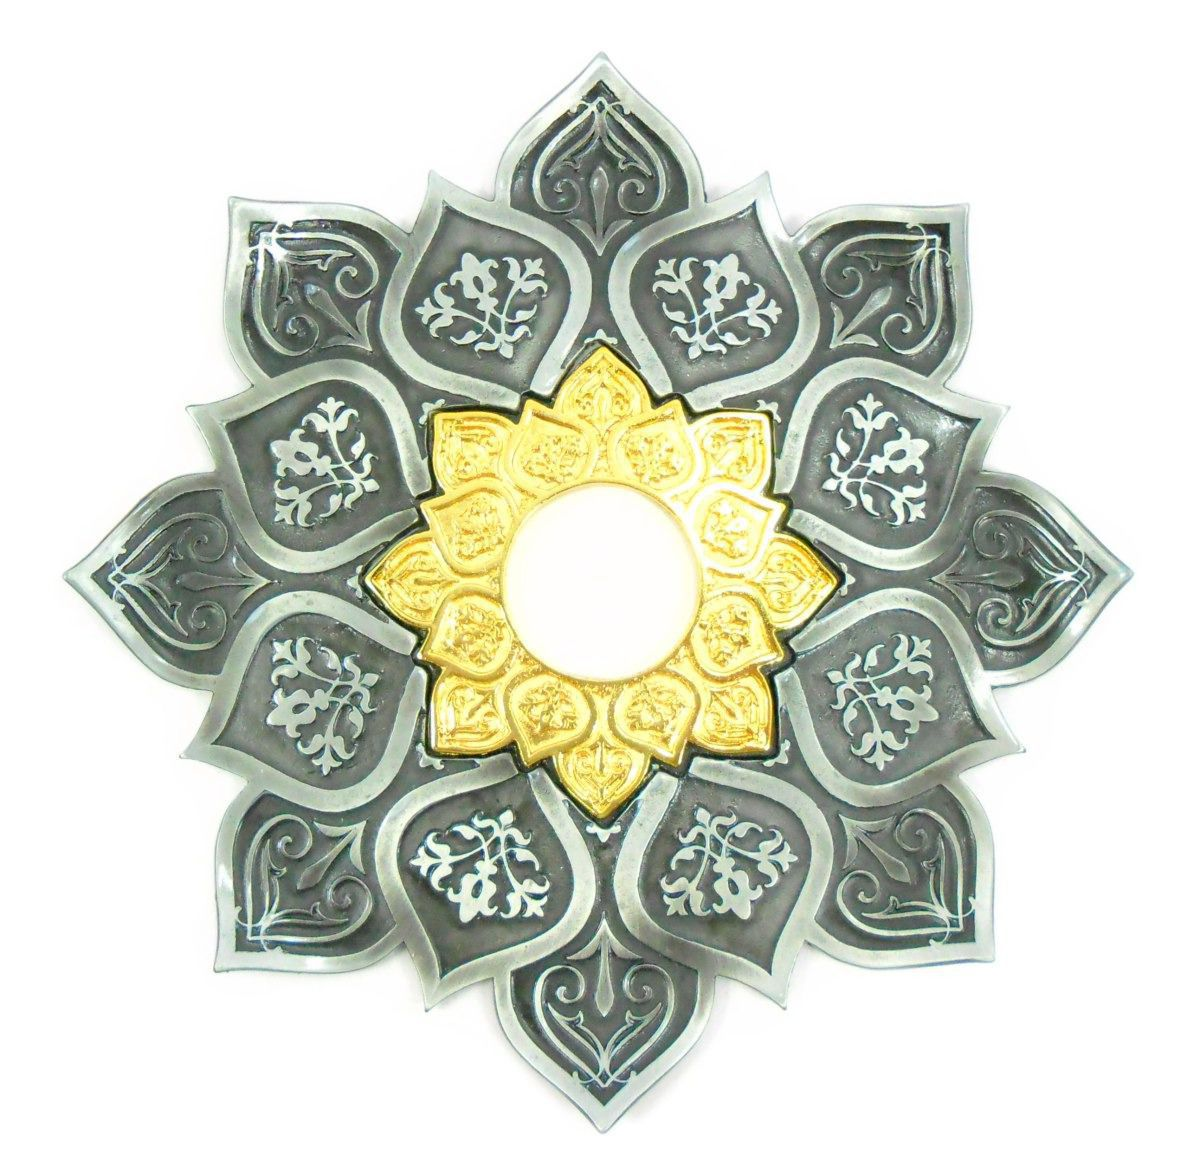 Prato para narguile mod. Athenas 23cm em liga metálica inox e decorado. Cor PRETO ESCOVADO. Centro Dourado